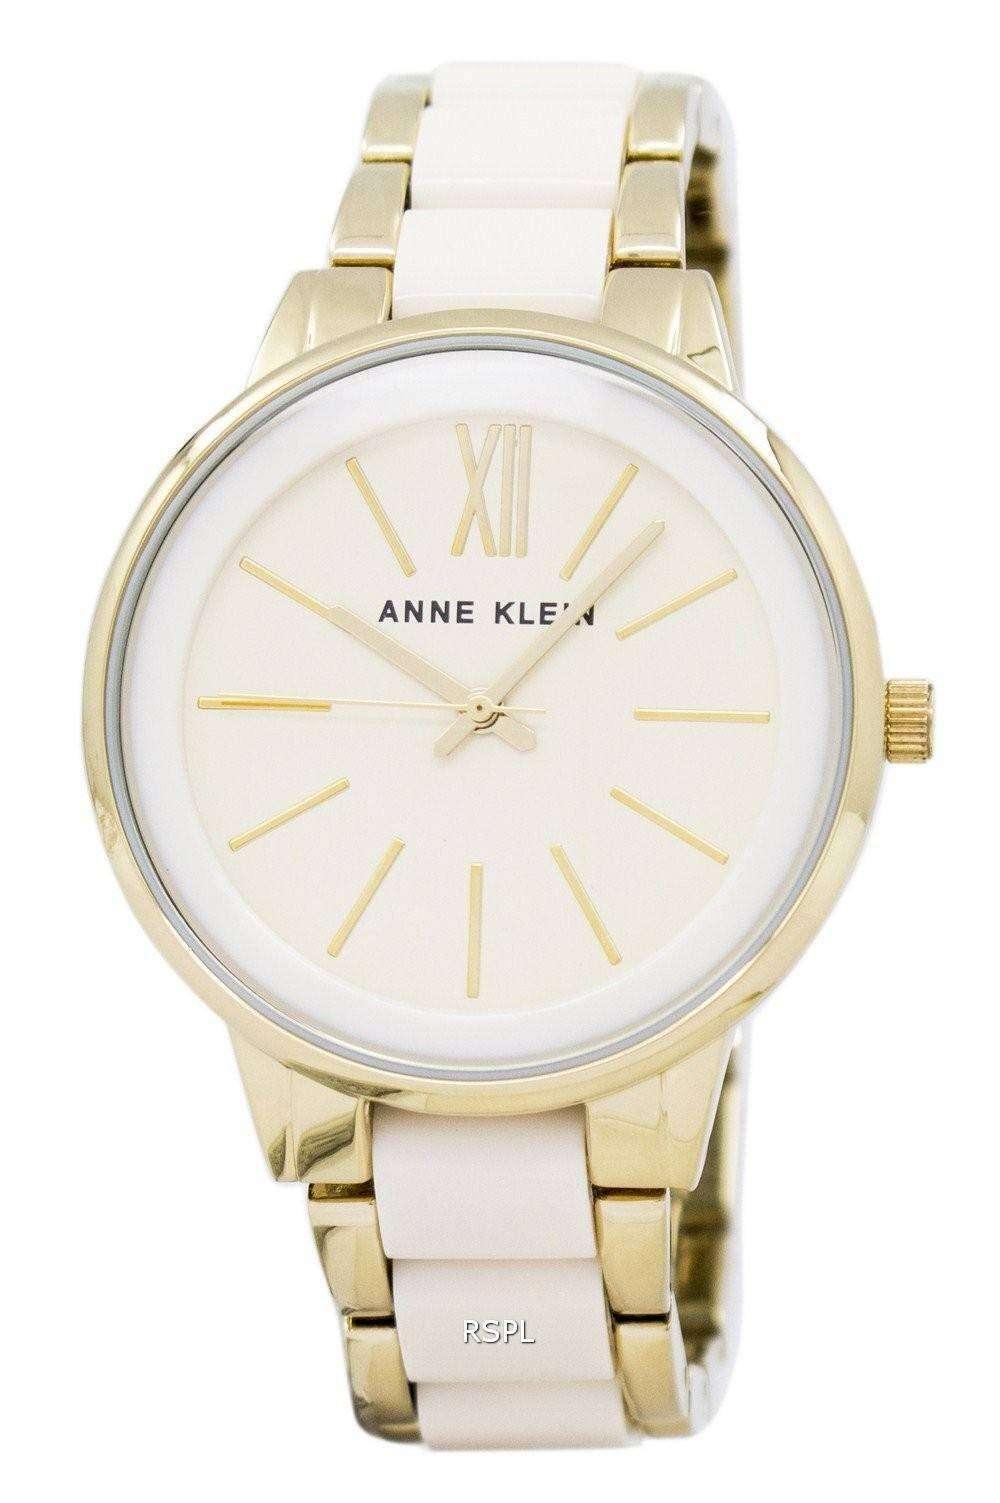 Anne Klein Quartz 1412IVGB Women's Watch